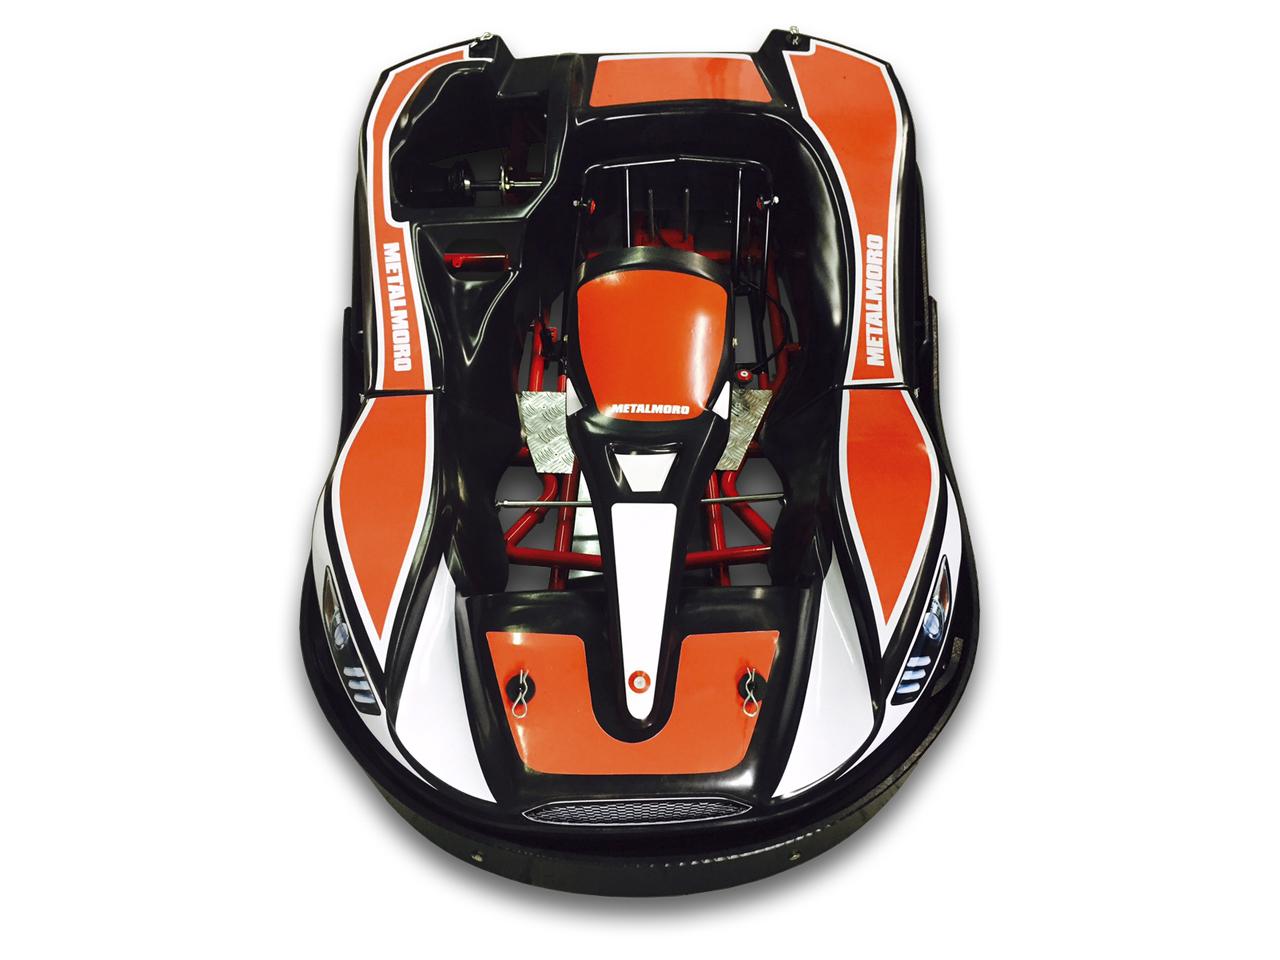 Kart Indoor Carenado